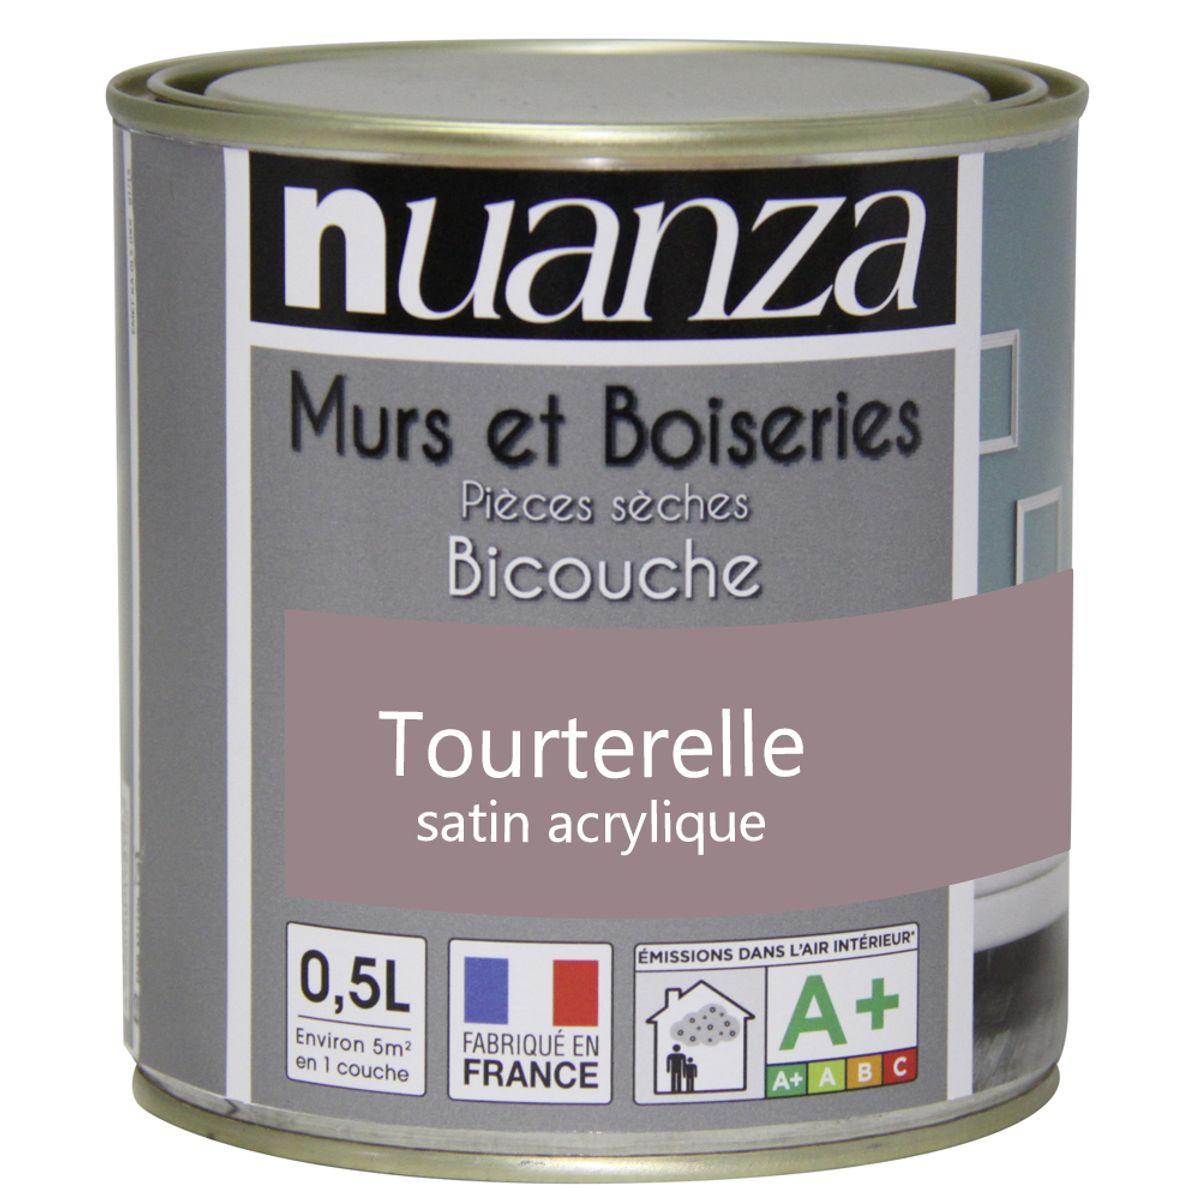 Peinture tourterelle satin murs et boiseries Nuanza 0.5l